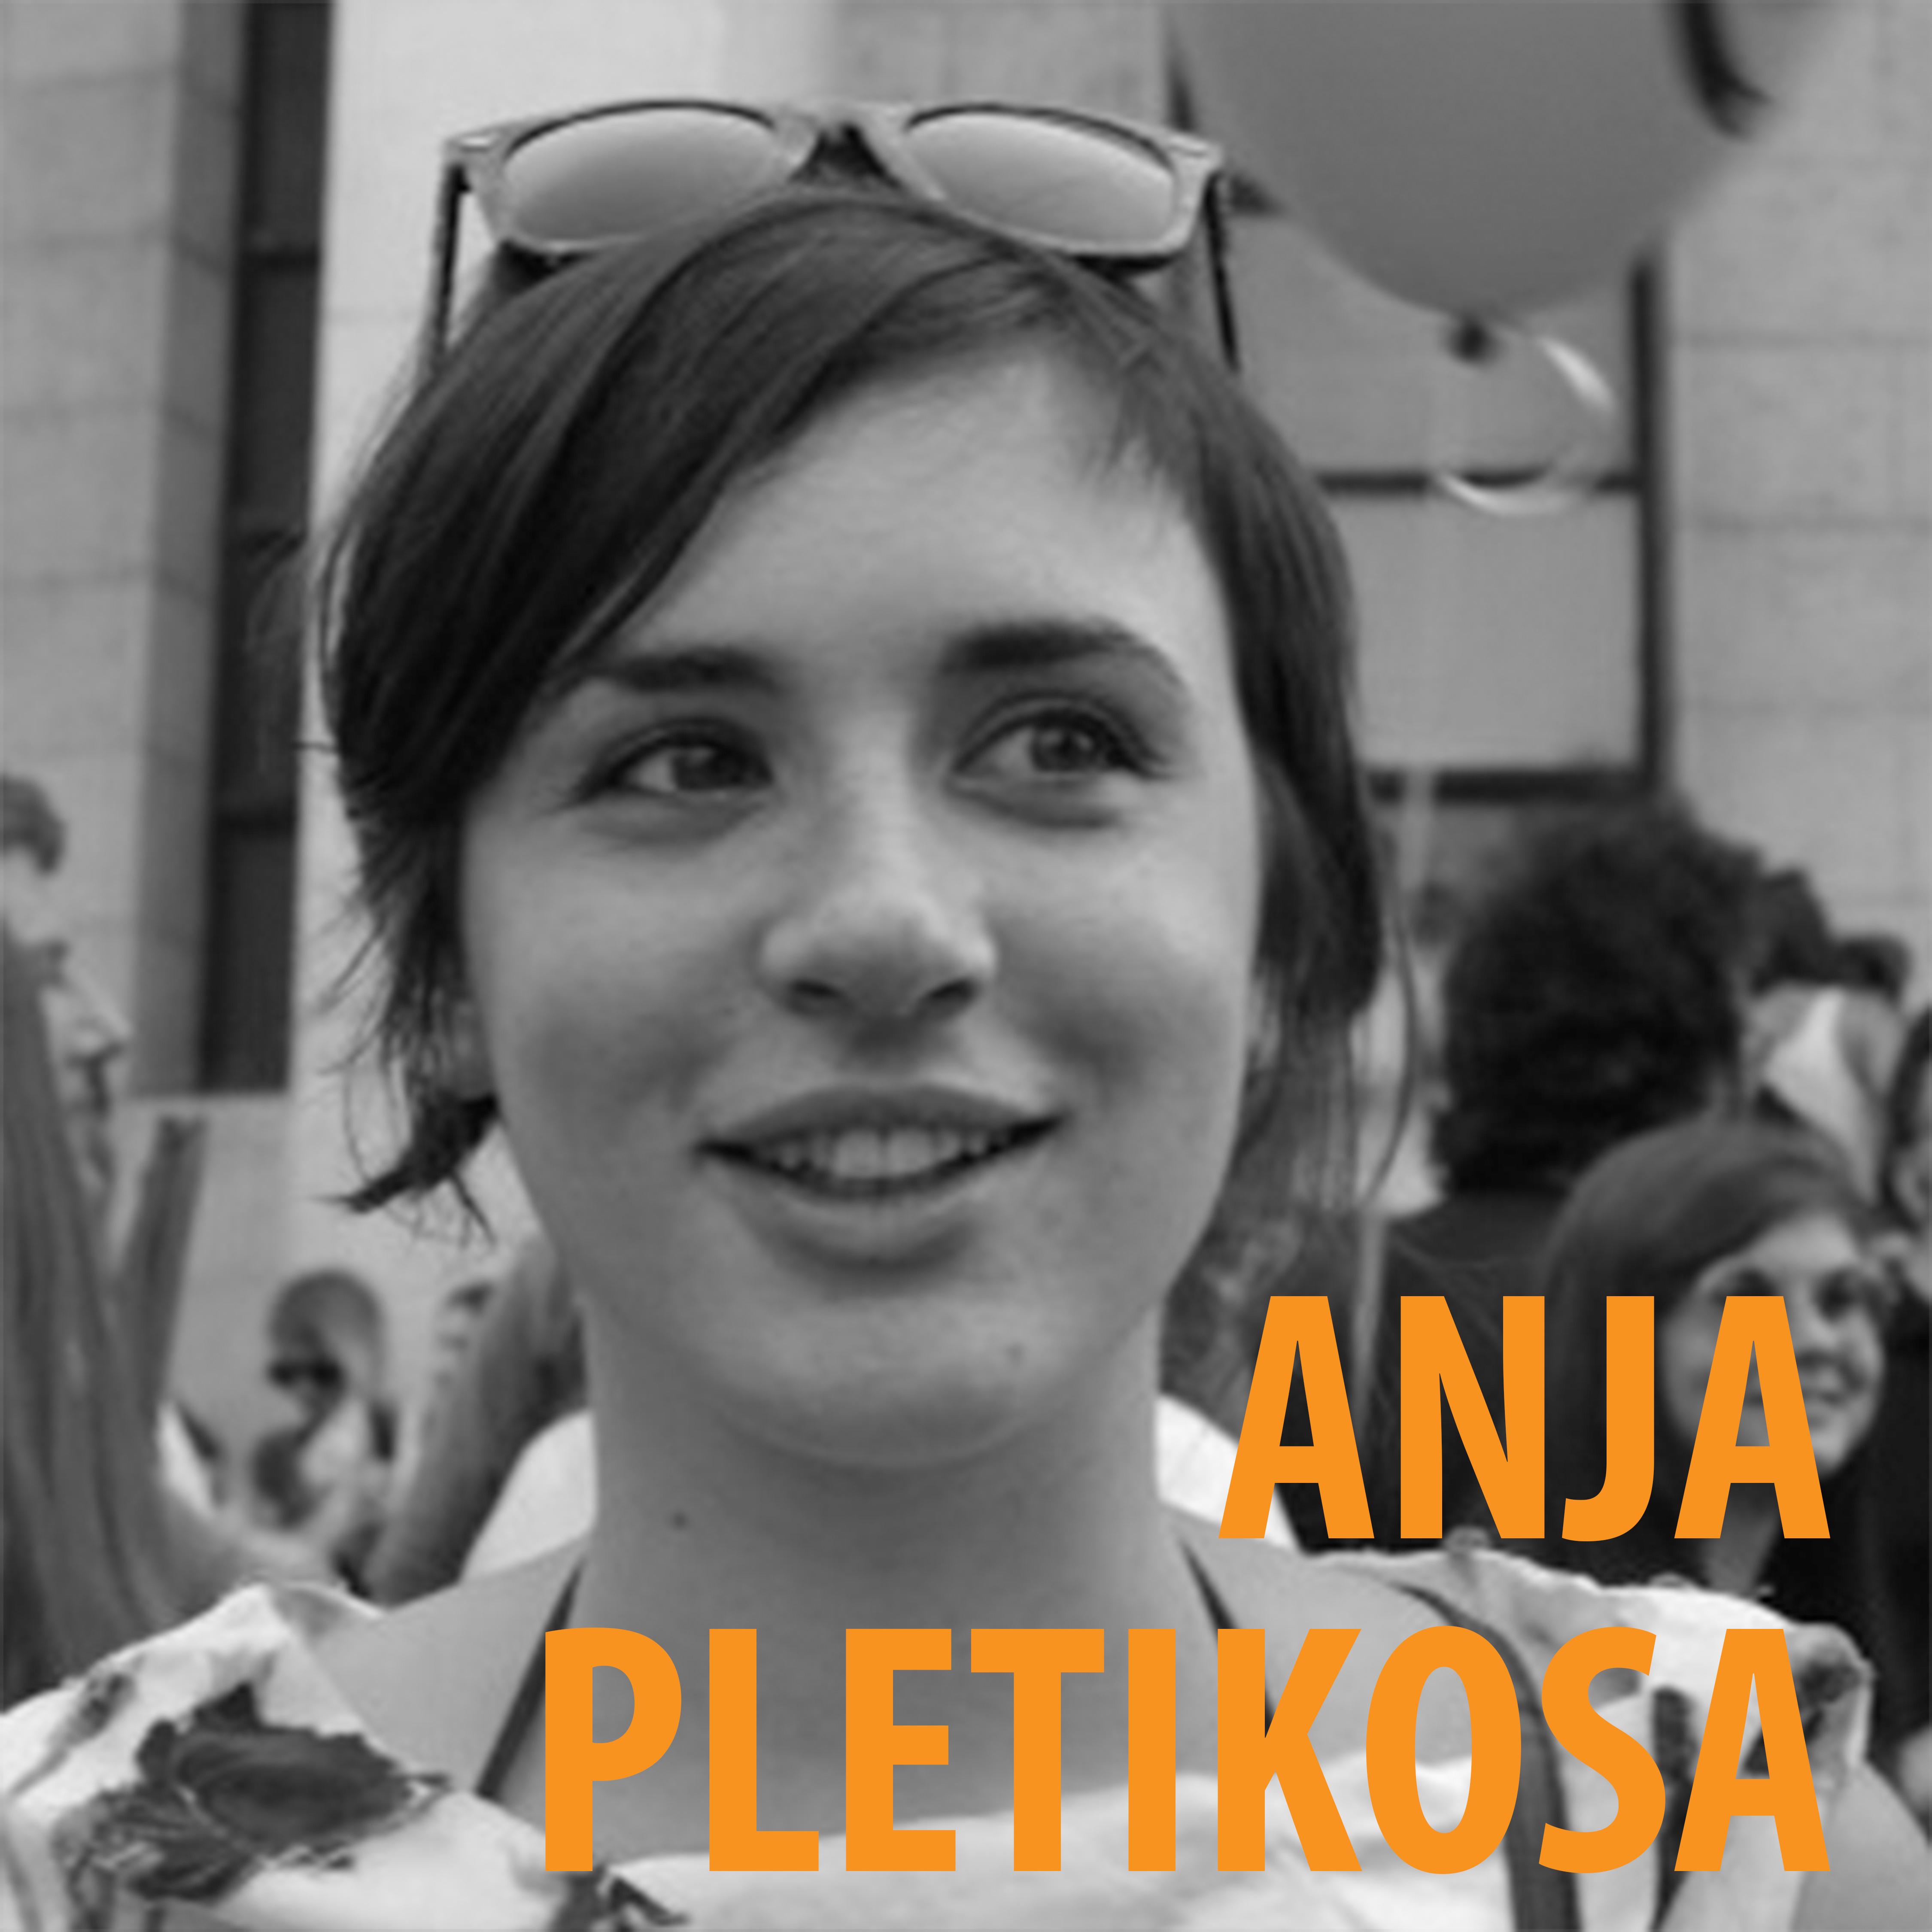 Anja Pletikosa